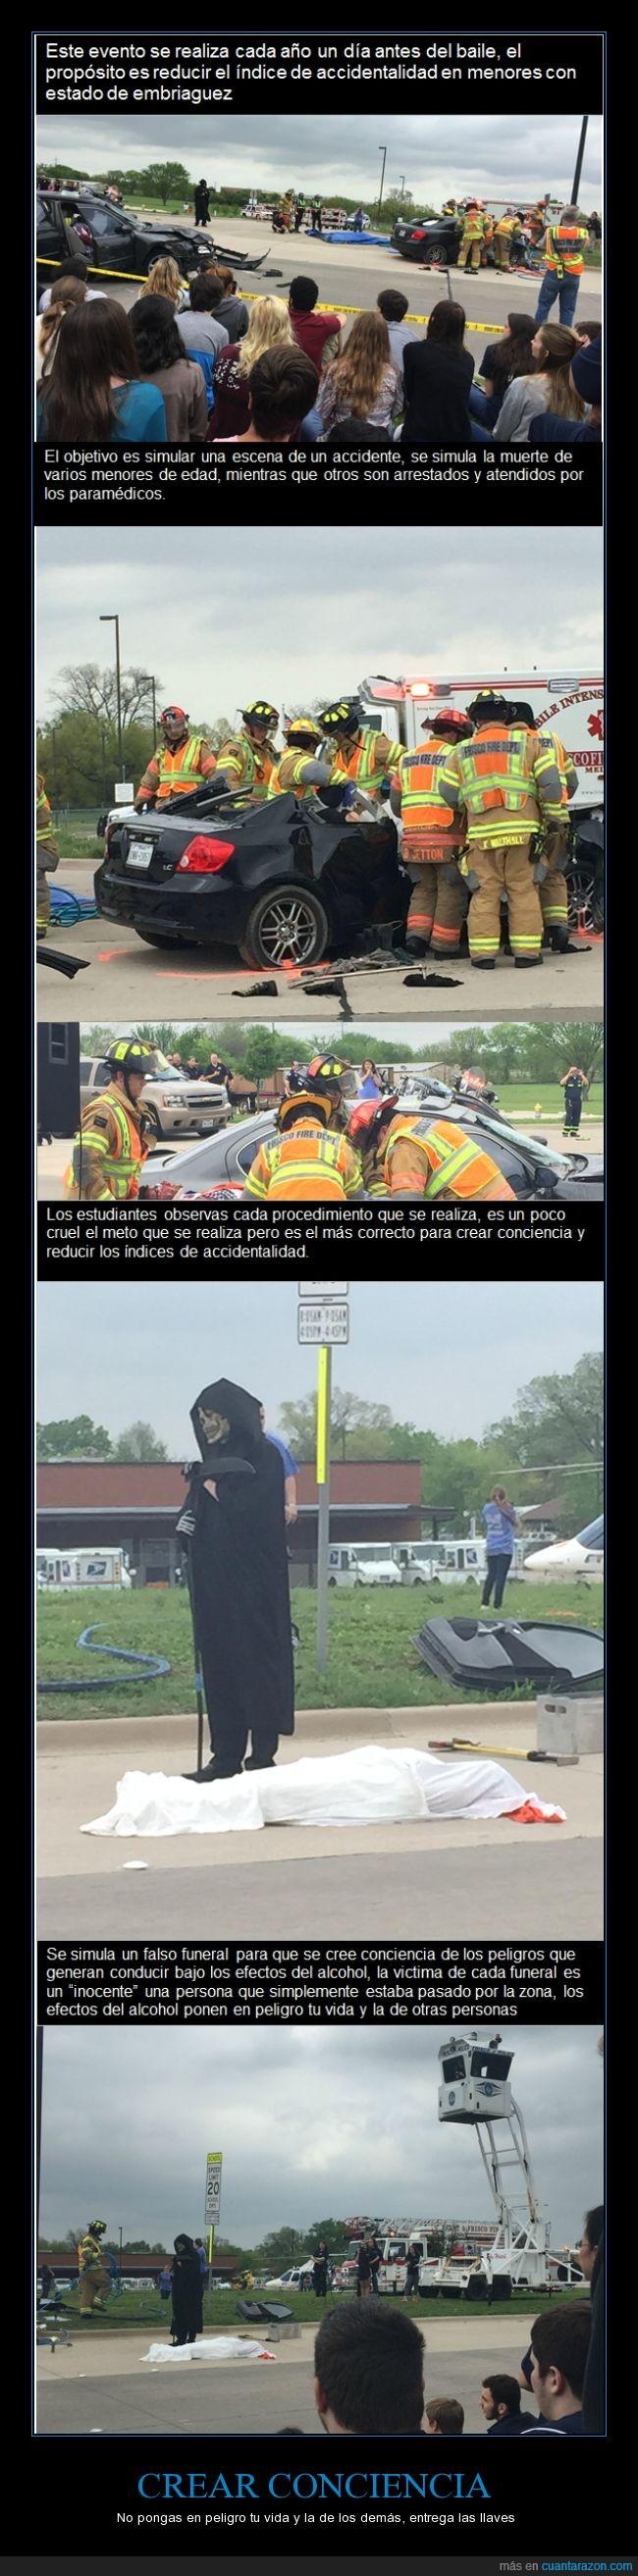 accidente,alumno,baile,ciudadano,concienciar,duro,gente,graduacion,muerte,peligro,reducir el riesgo,representacion,salvar vidas